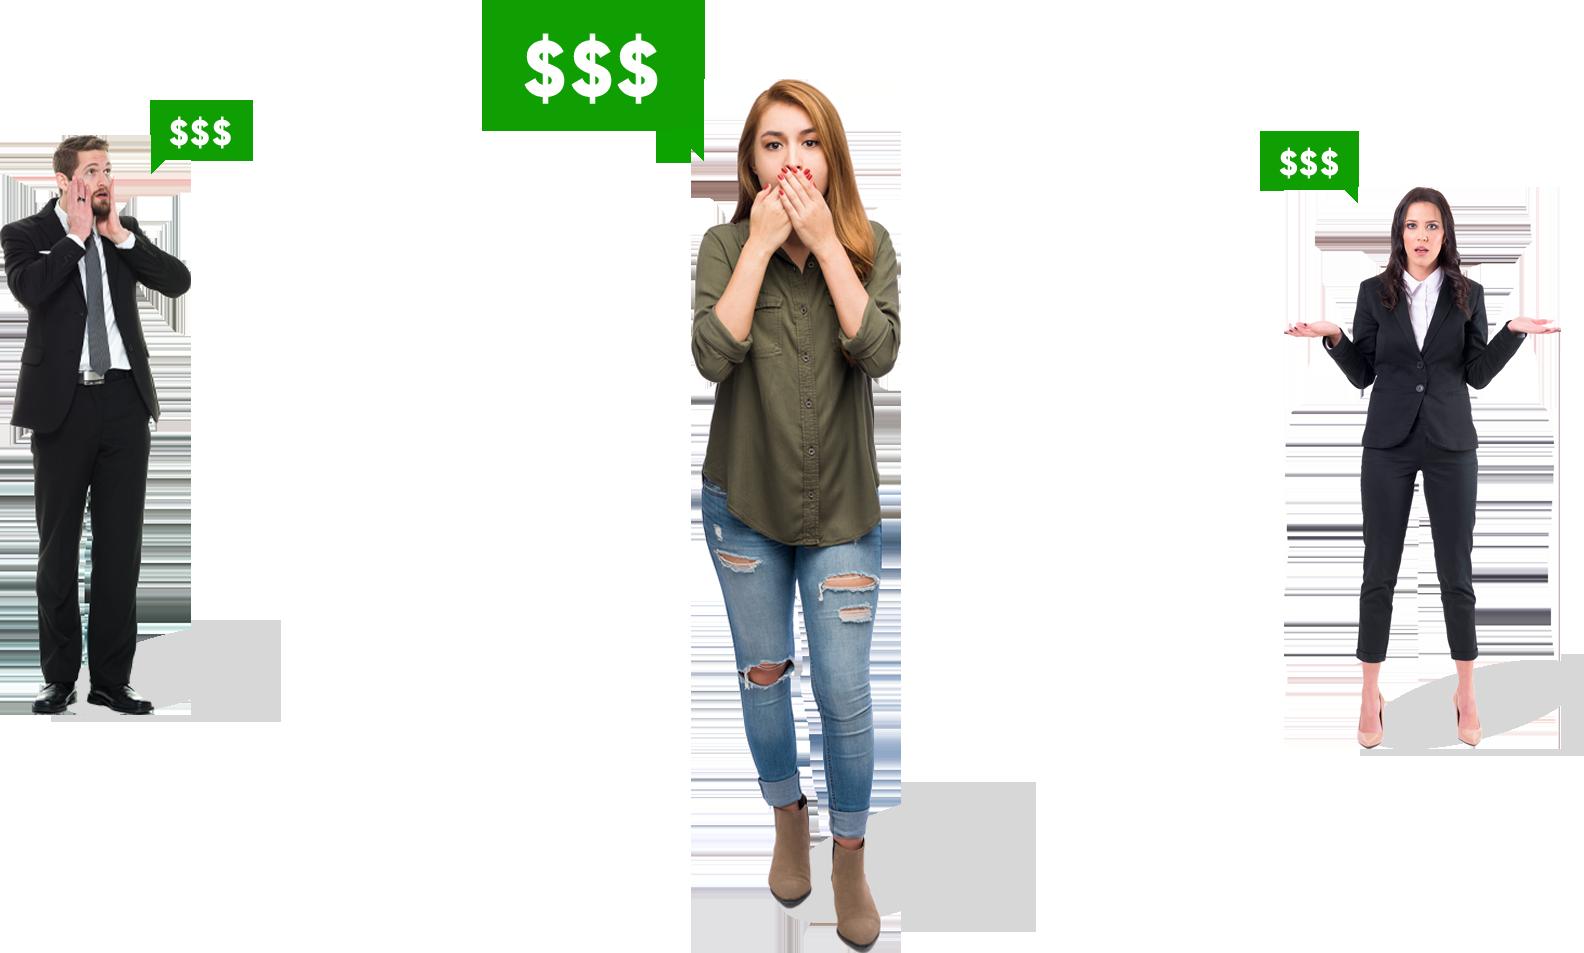 Loan Loss